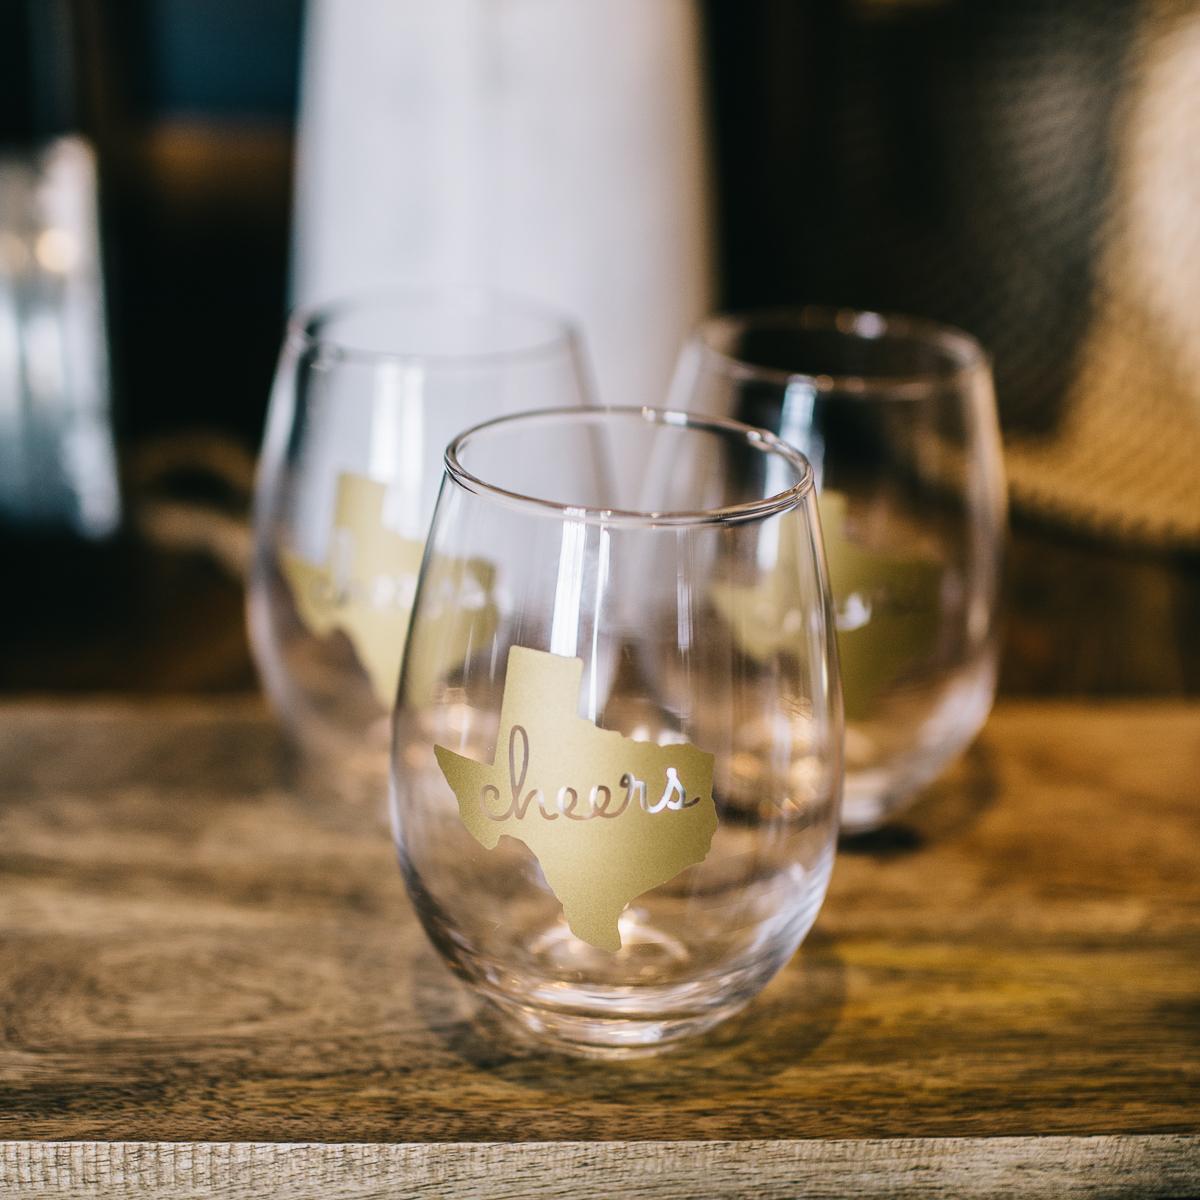 Cheers Texas Wine Glasses (19 of 1).jpg